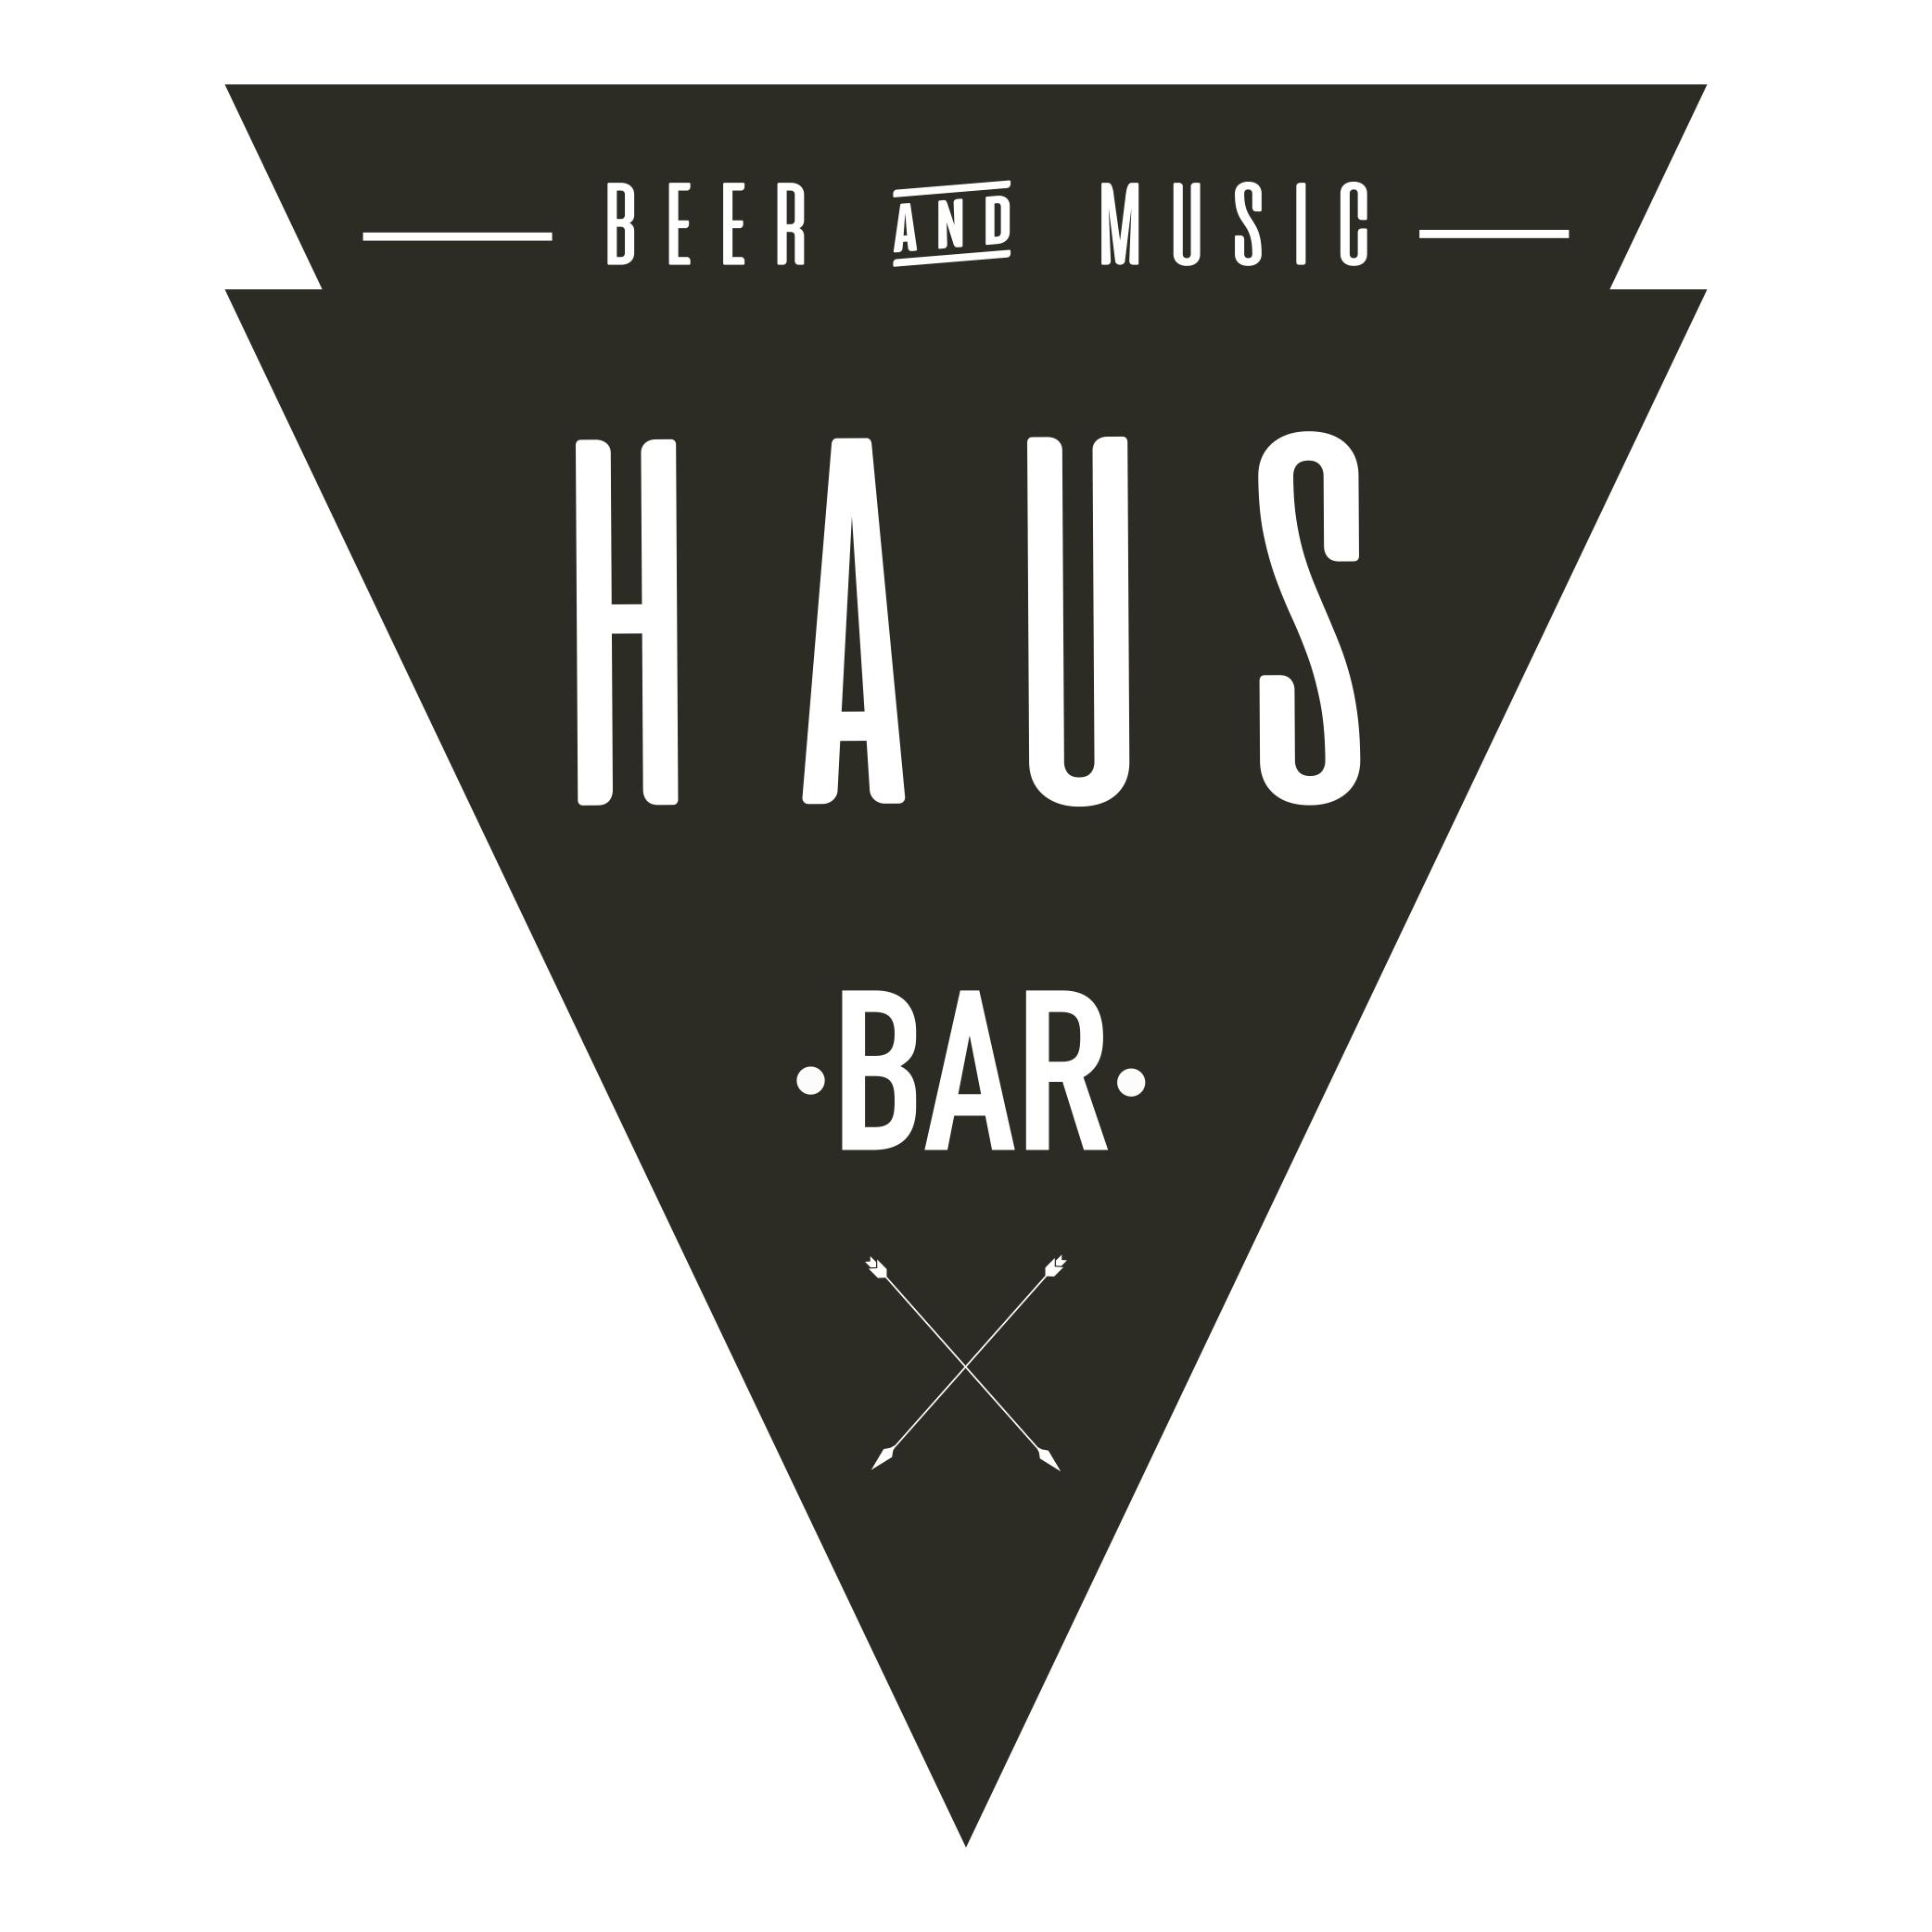 Haus Bar